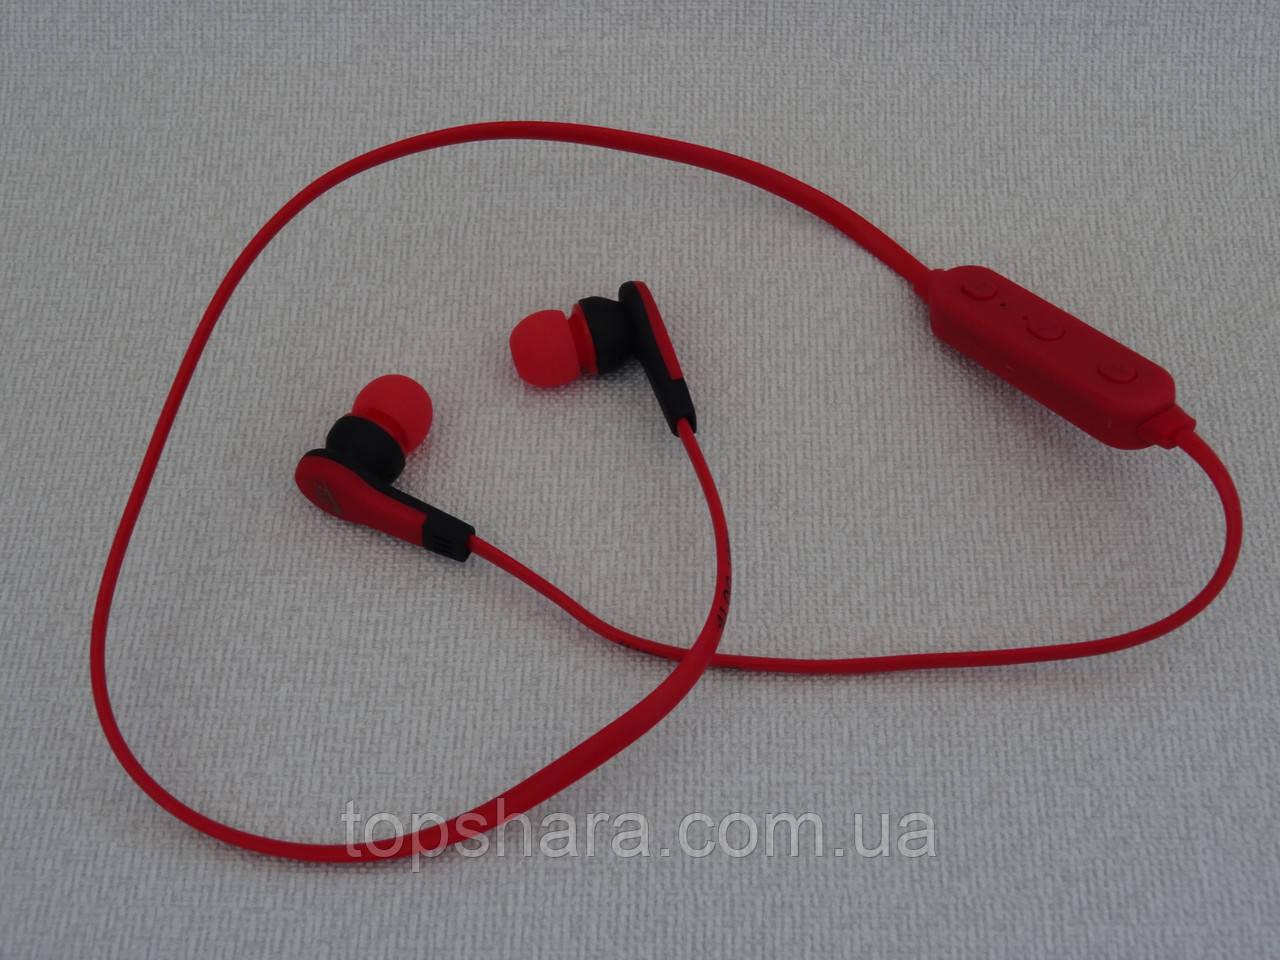 """Наушники беспроводные Bluetooth Nike MS-B4 красные - Интернет-магазин """"Topshara"""" в"""